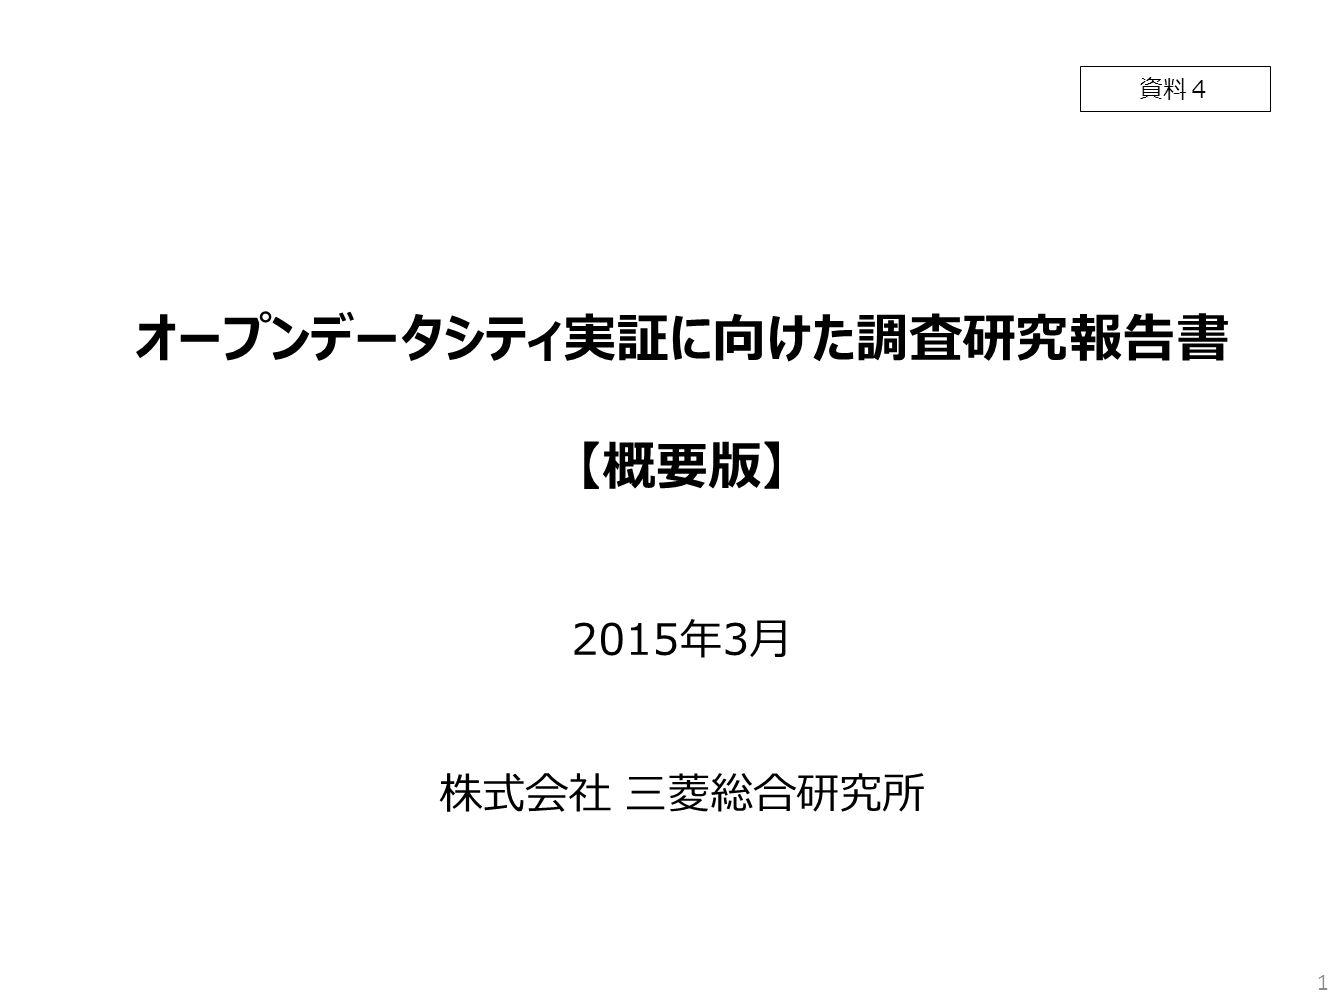 1 オープンデータシティ実証に向けた調査研究報告書 【概要版】 2015年3月 株式会社 三菱総合研究所 資料4